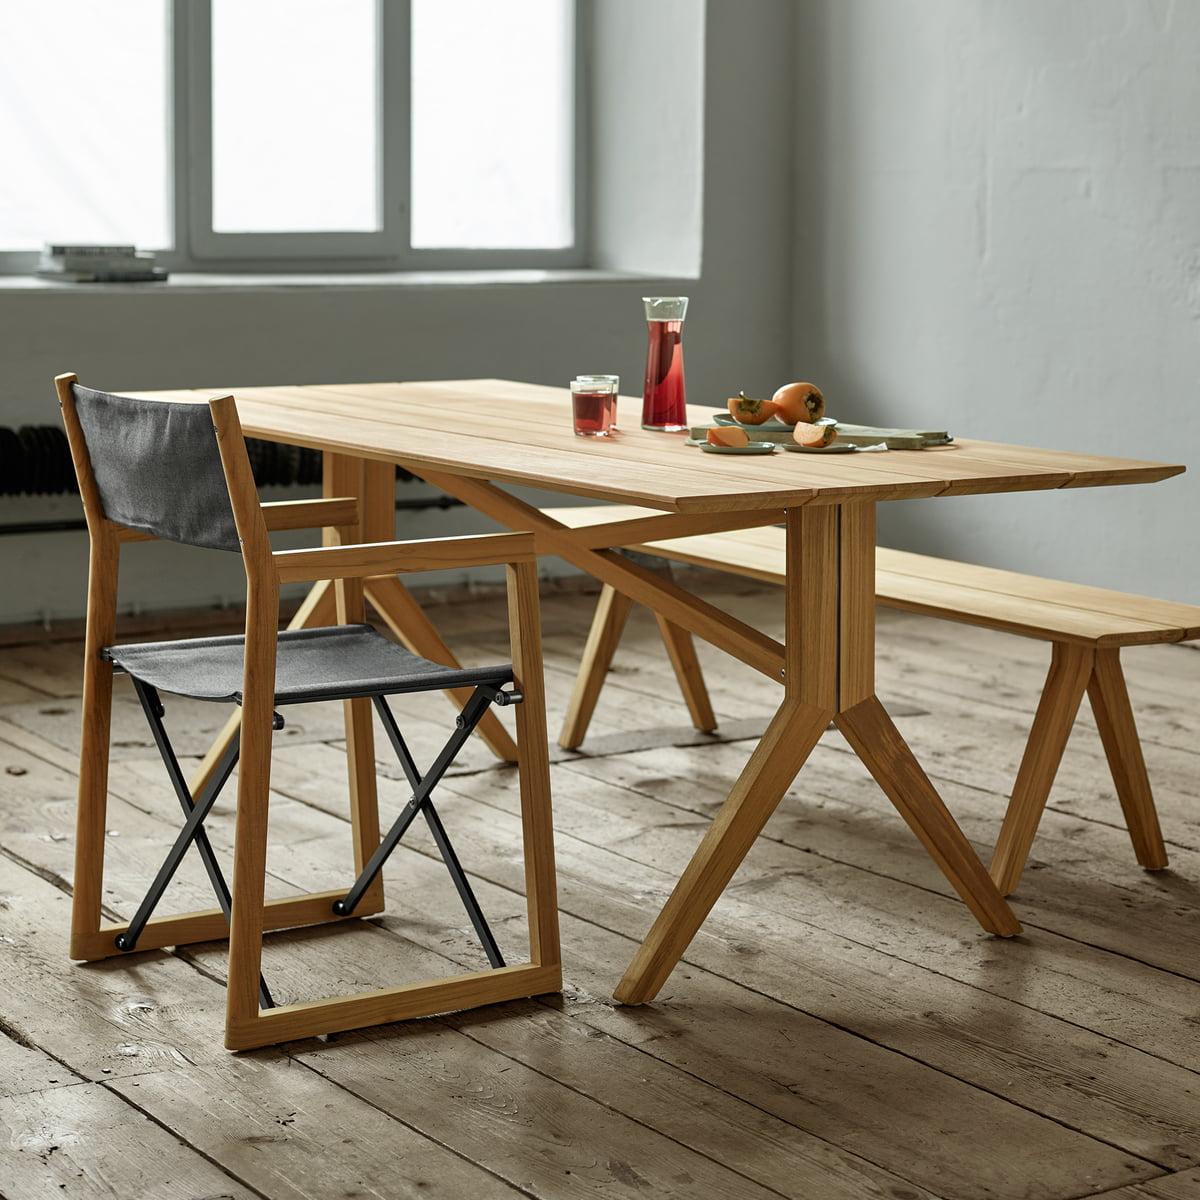 Schon Weishäupl  Loft Bank, Tisch Und Stuhl Im Ambiente